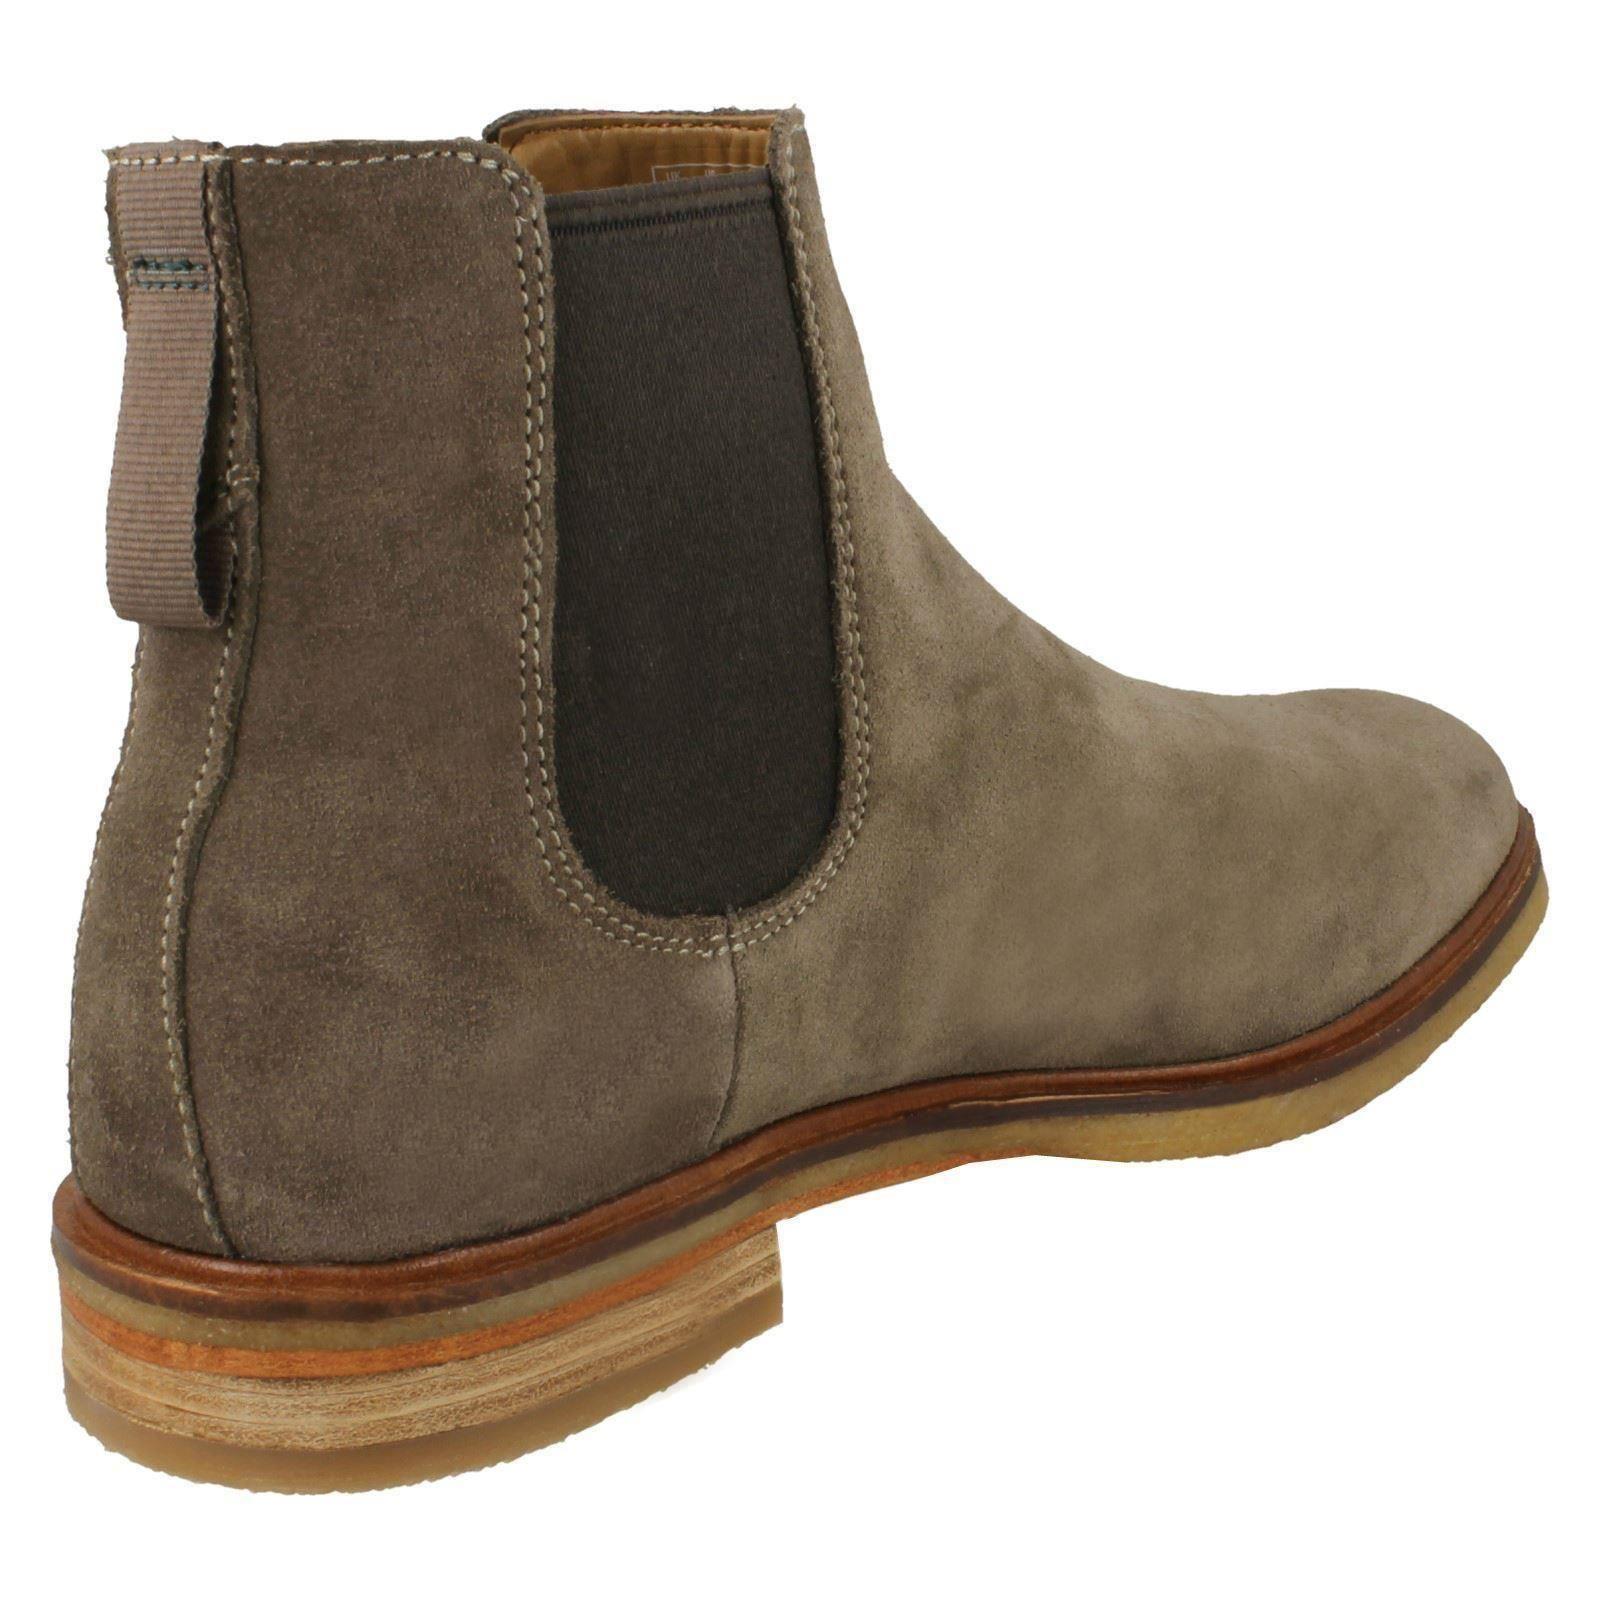 viele möglichkeiten am besten bewertet neuesten große Auswahl an Farben und Designs Details about Mens Clarks Chelsea Boots 'Clarkdale Gobi'